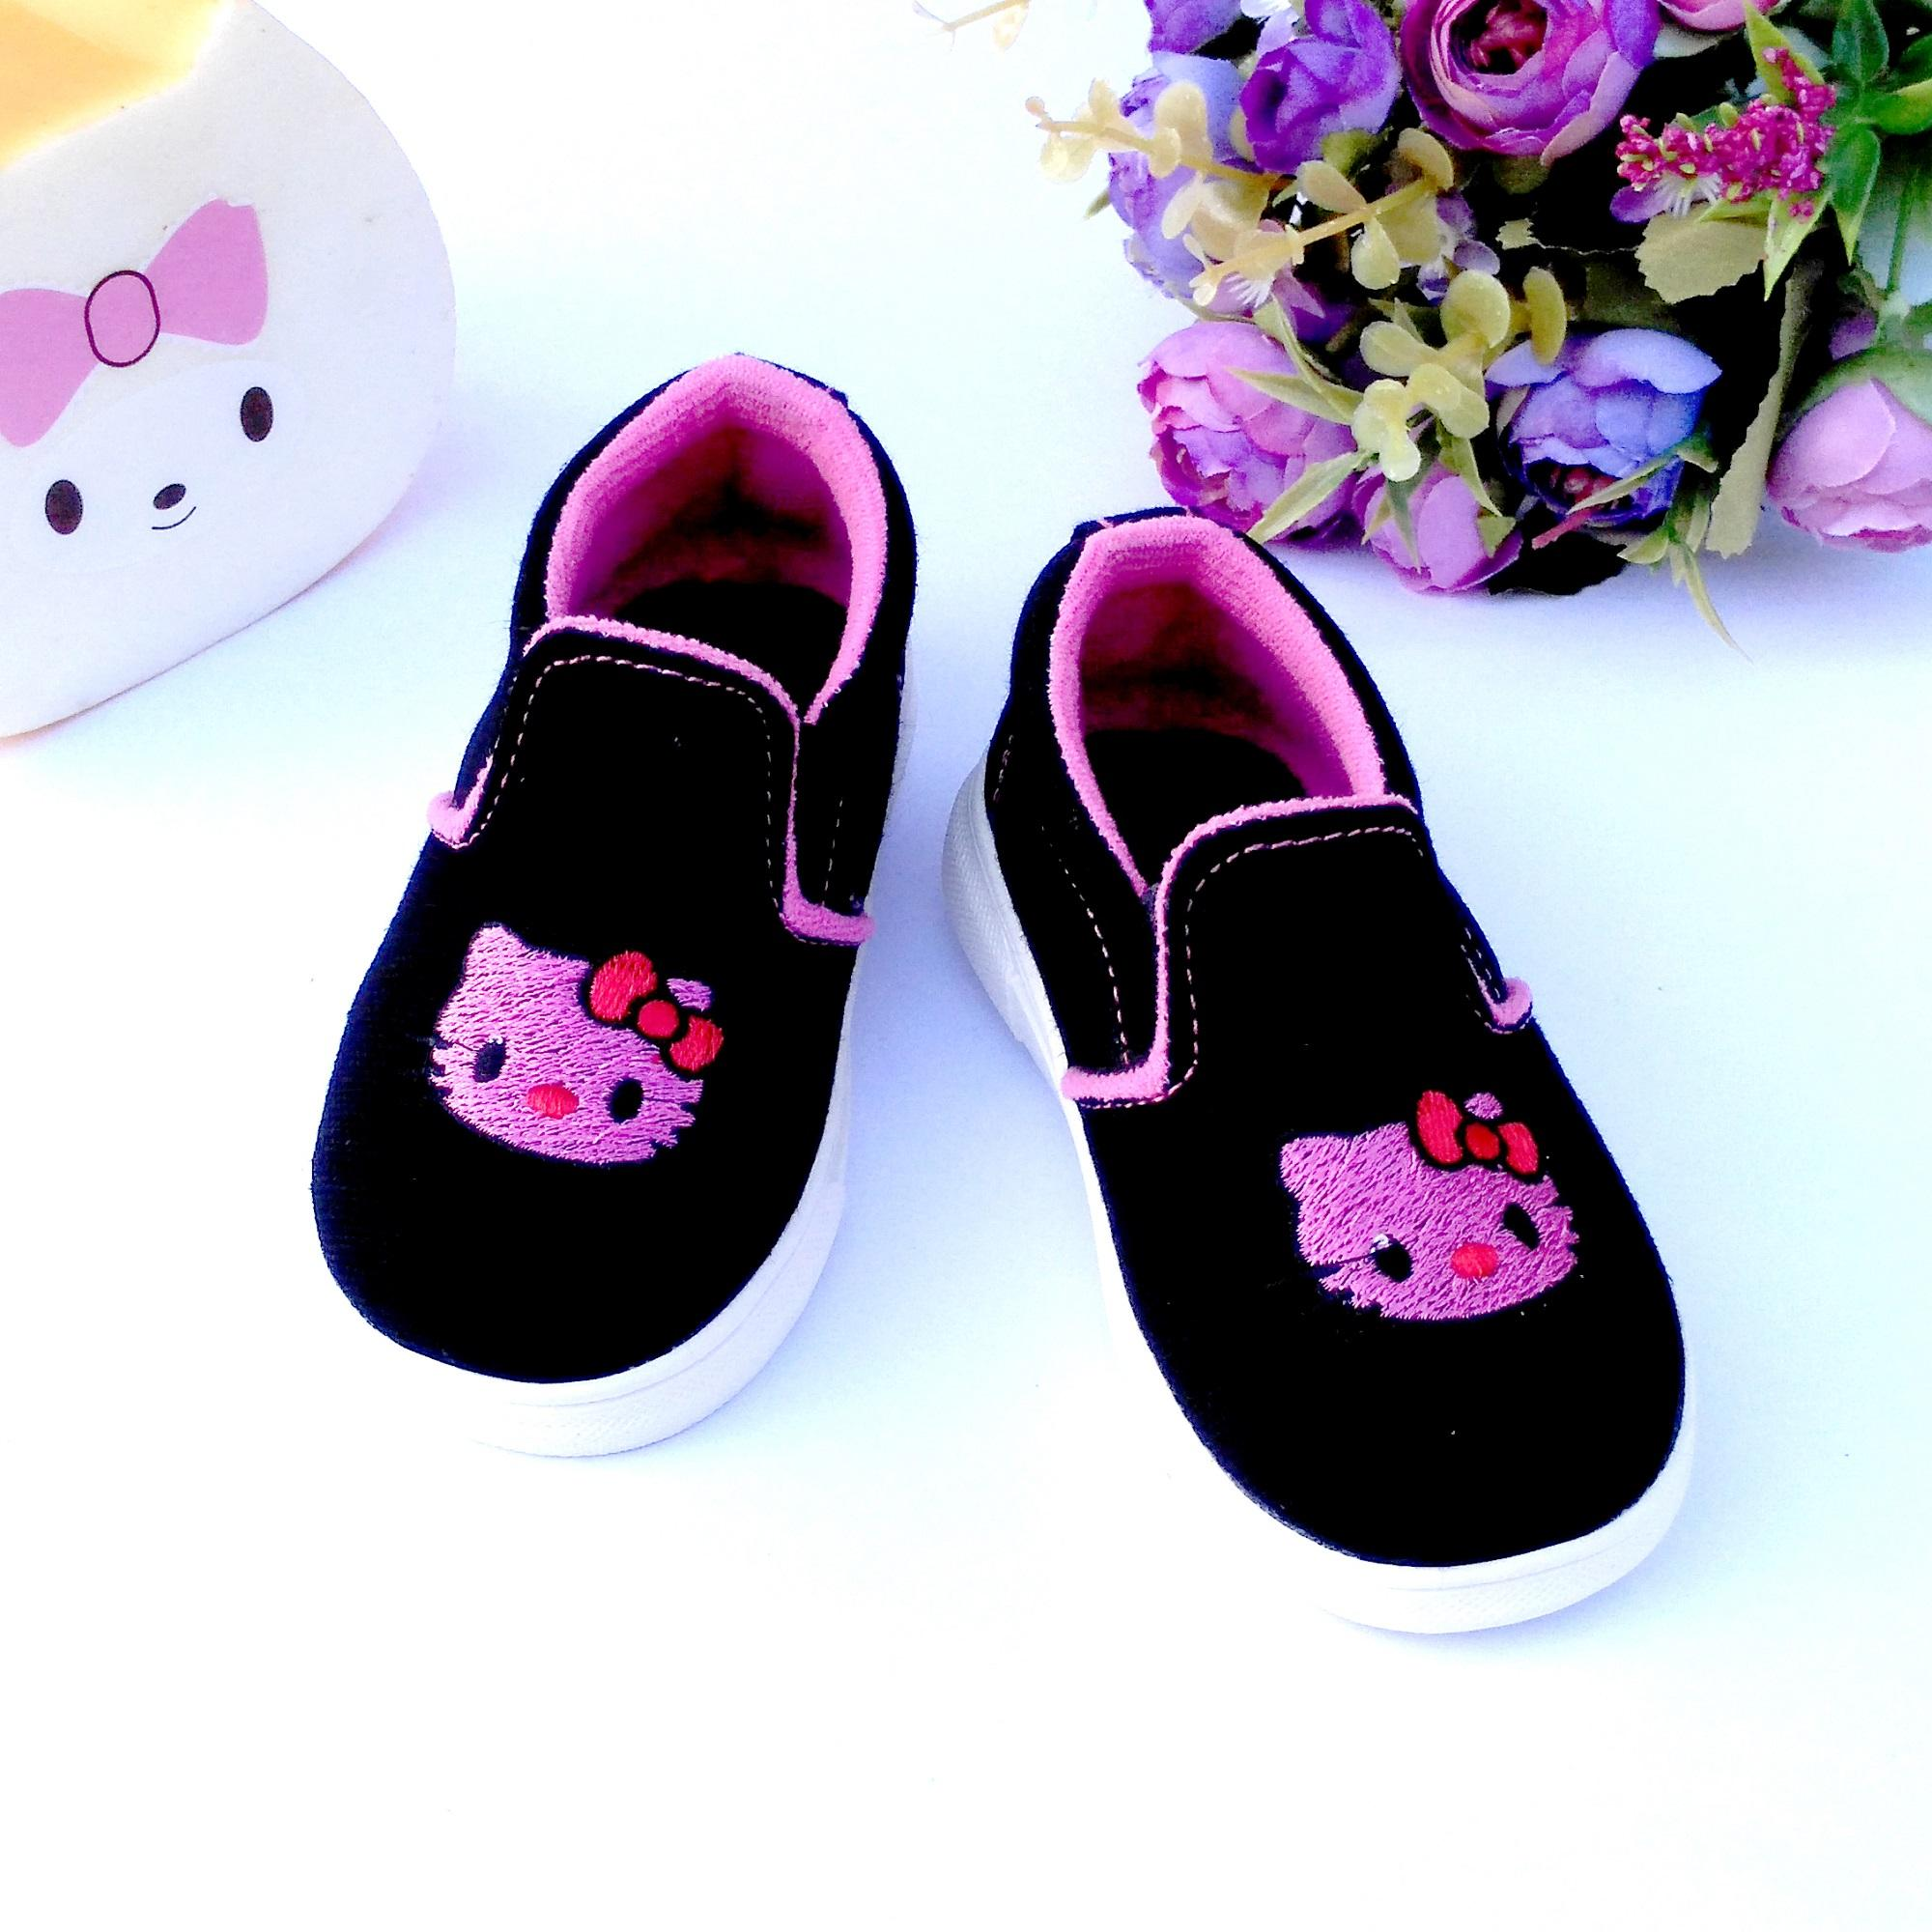 HQo Sepatu Anak Perempuan Slip On   Sepatu Anak Casual   Sepatu Bayi  Perempuan Hello Kitty 4b78d6fc9d